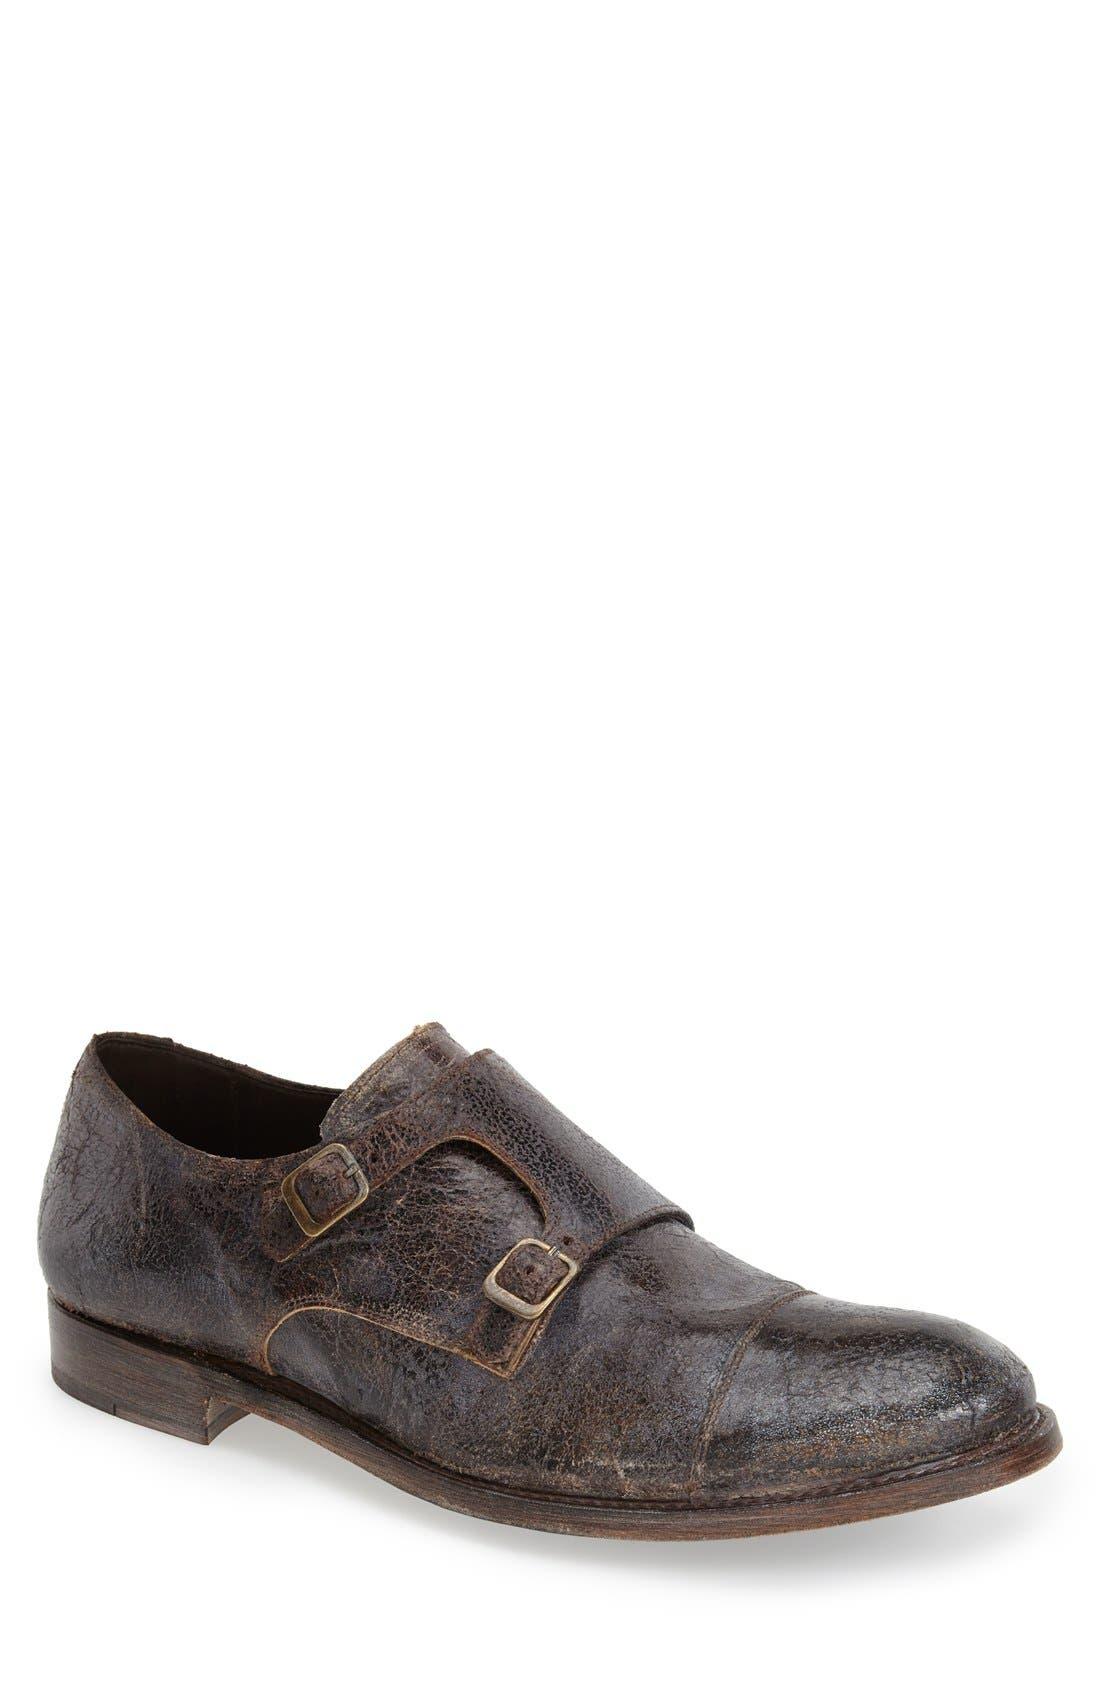 Boots 'Friar Tuk' Double Monk Strap Shoe,                             Main thumbnail 1, color,                             Brown Vintage